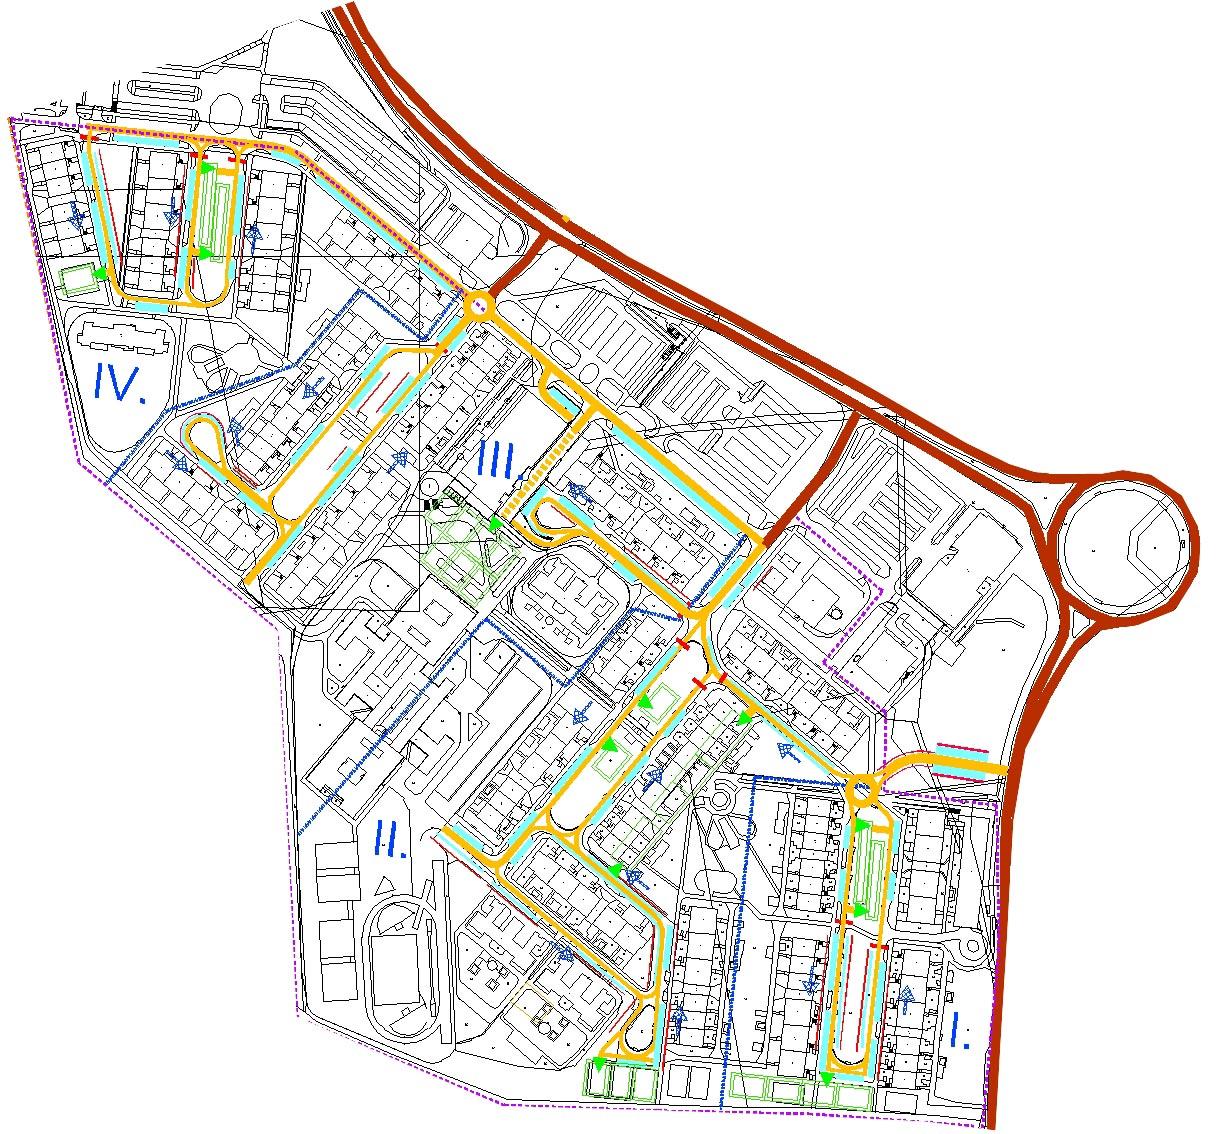 Schema dopravy - schema, obrázek se otevře v novém okně